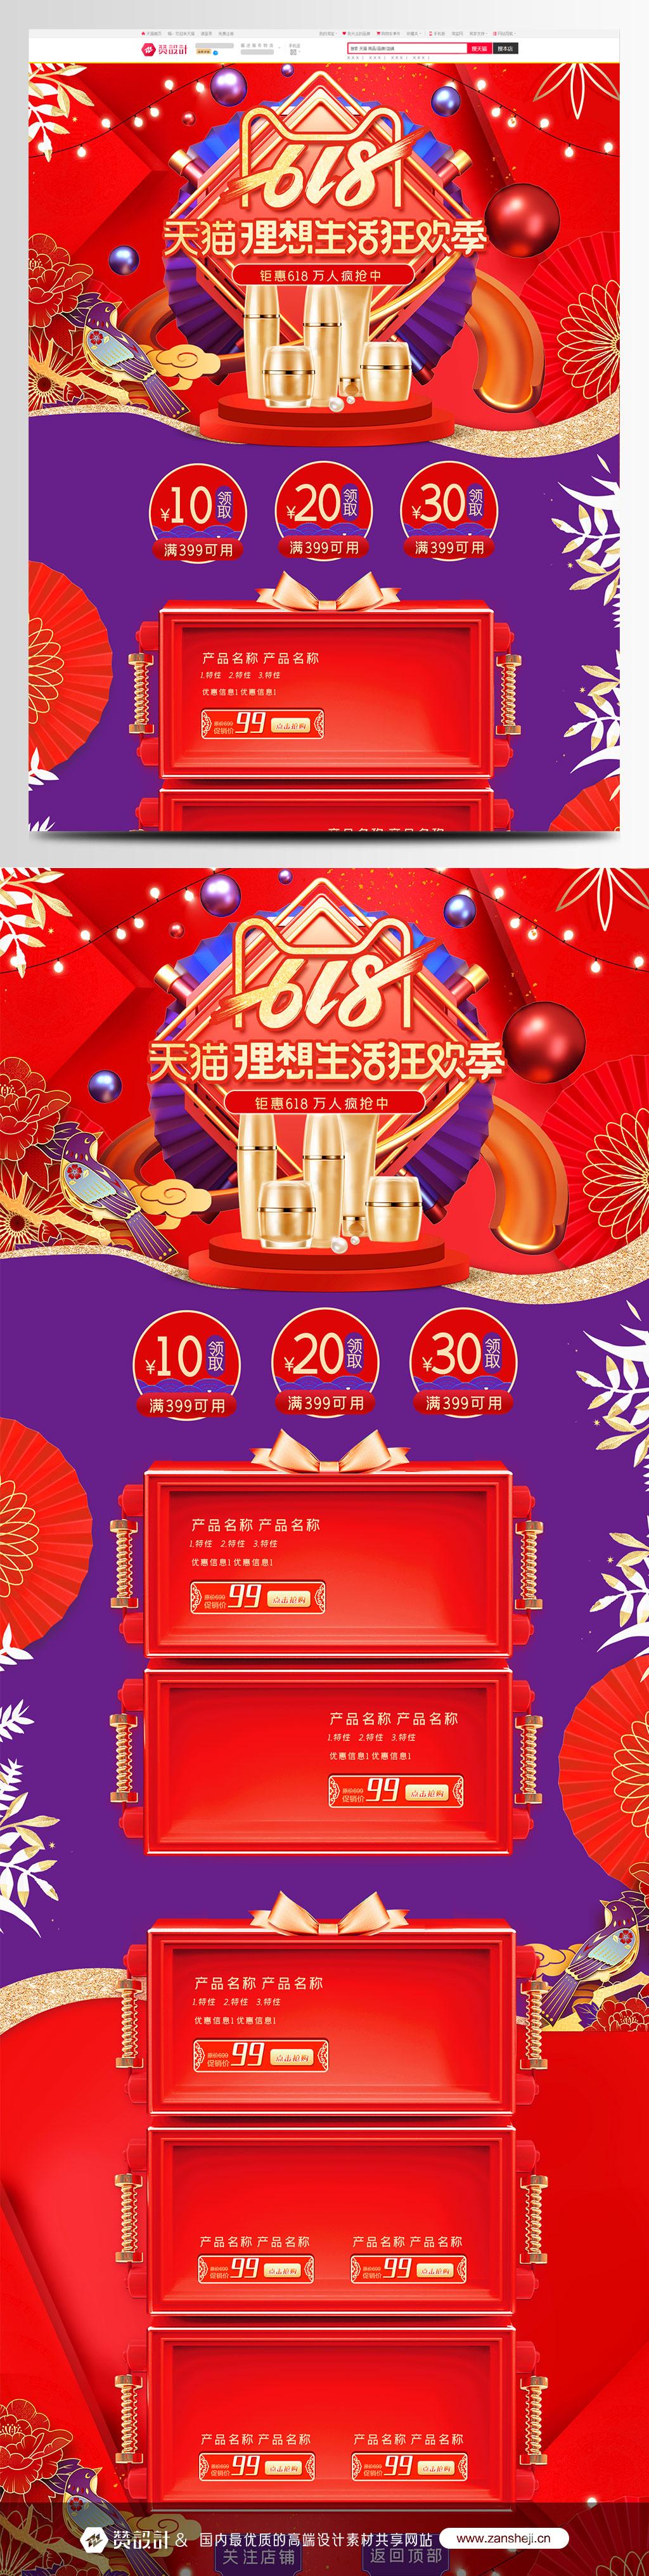 96红色中国风国潮618年中大促电商首页